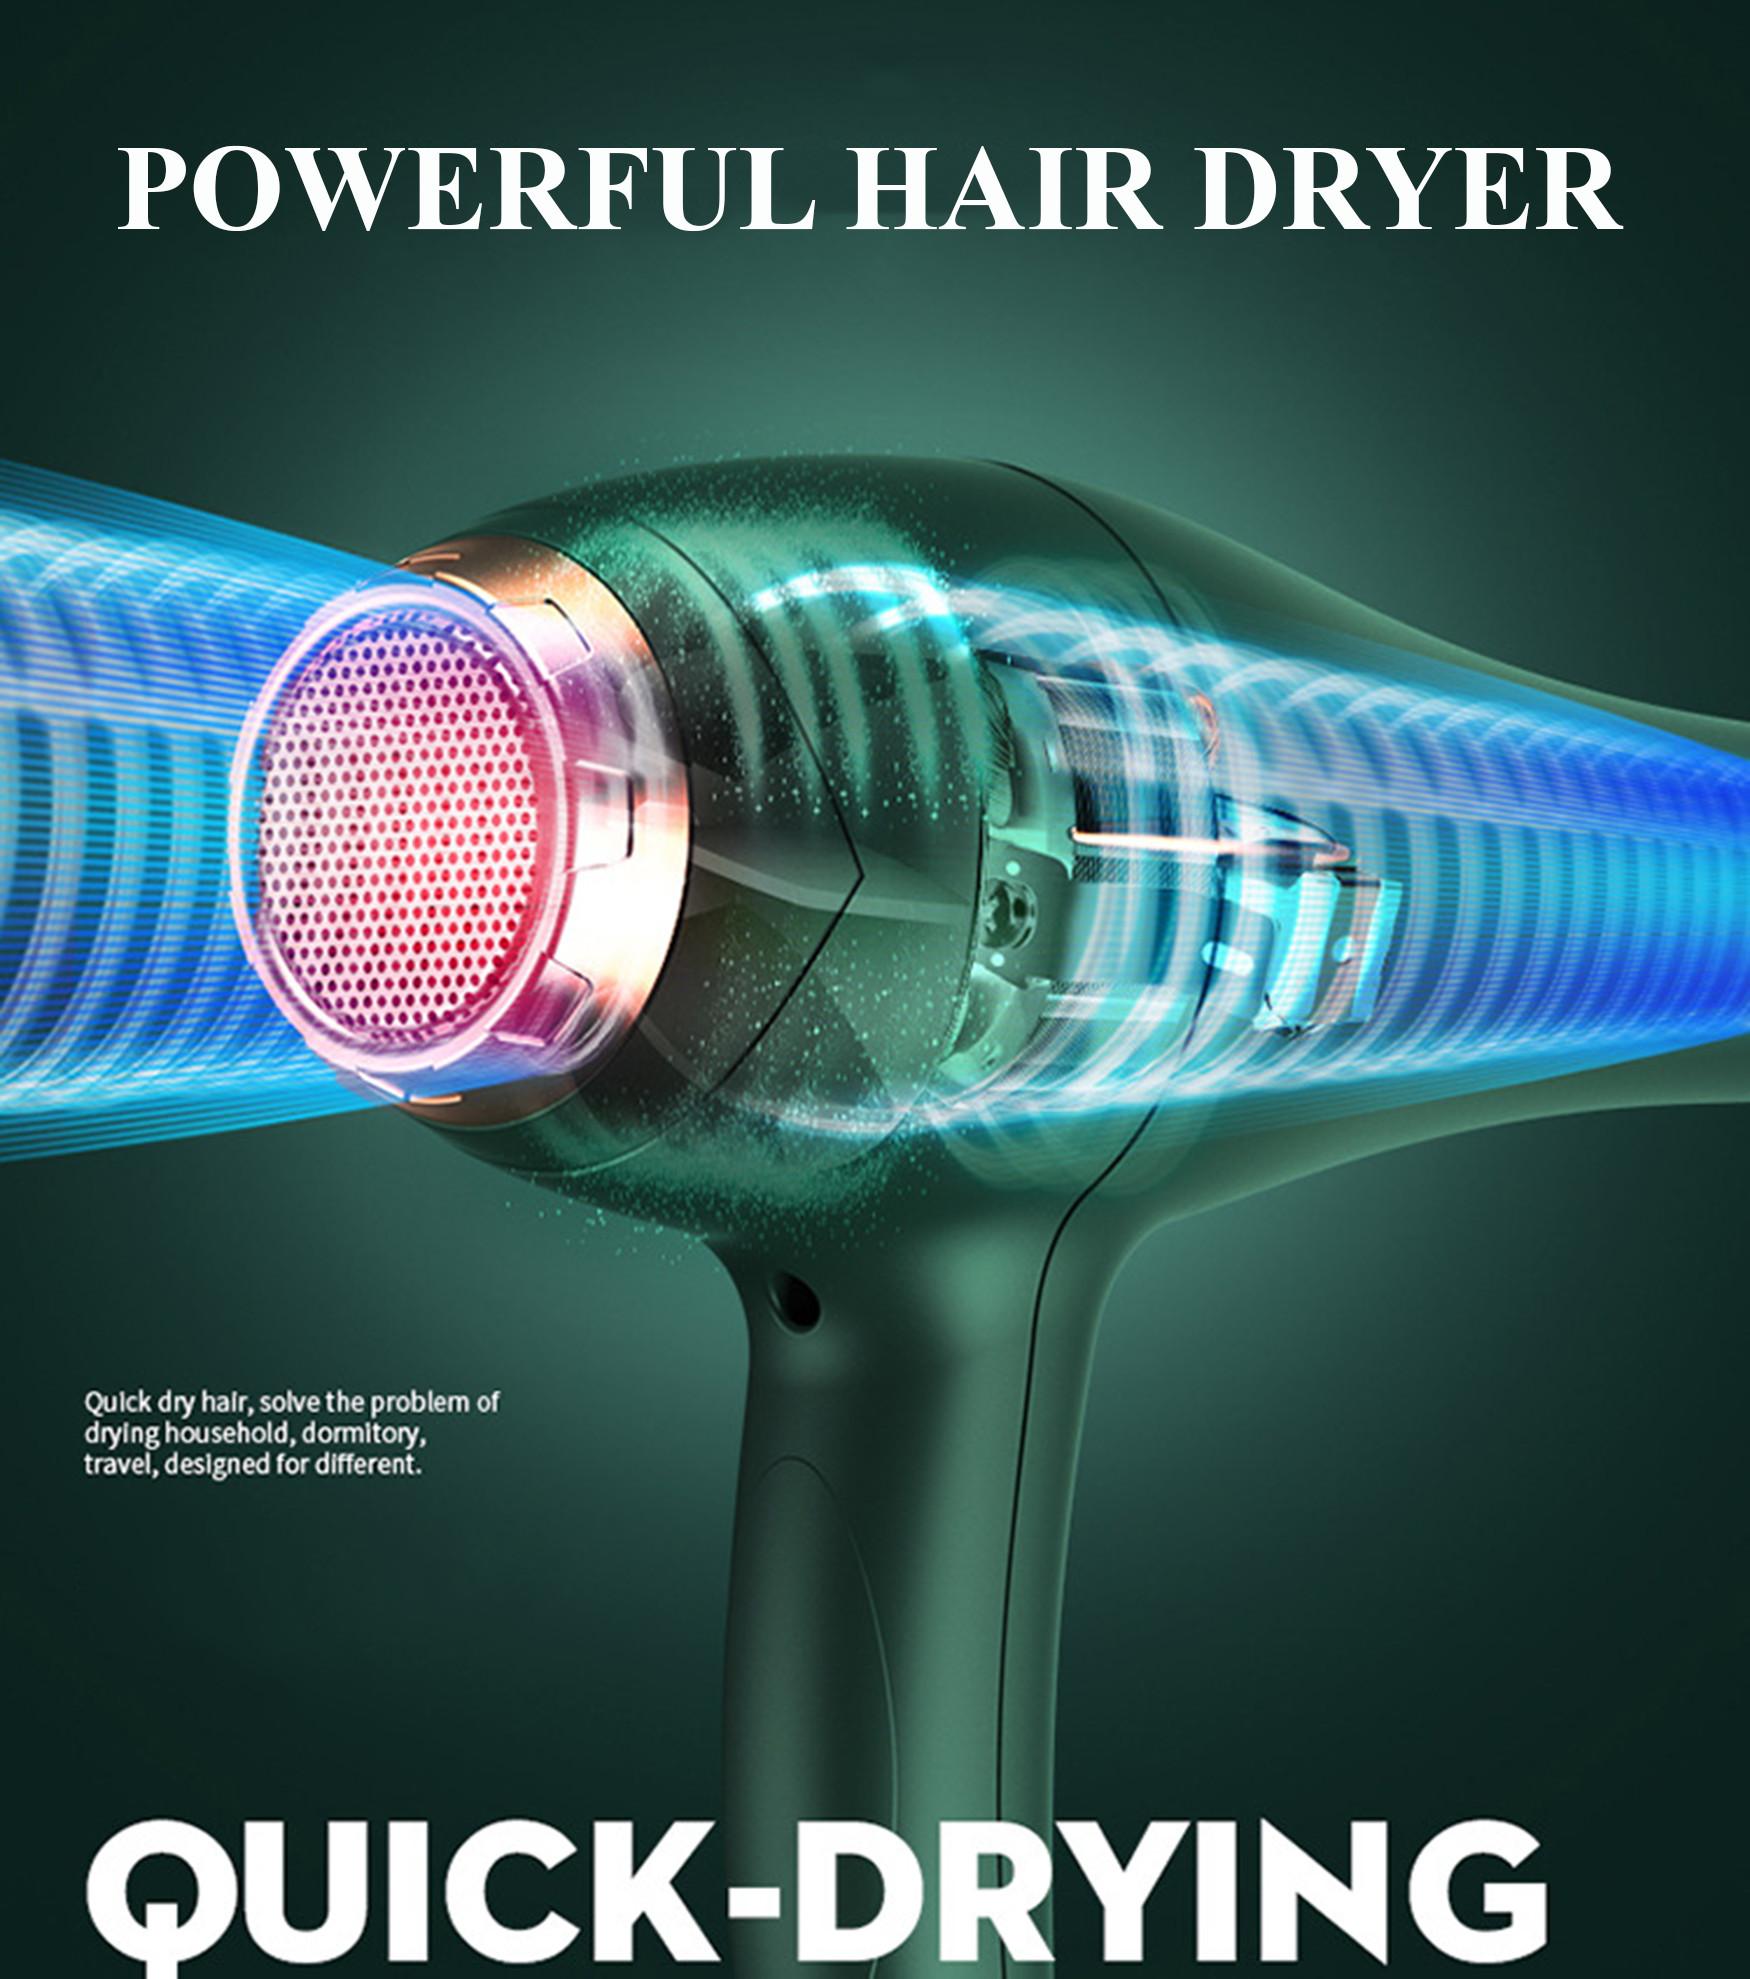 Máy Sấy Tóc Cao Cấp Công Suất Lớn 2200W Chuyên Dụng Cho Hair Salon - Máy Sấy Tóc Bổ Sung Ion Dưỡng Ẩm, Làm Mềm Mượt Tóc - Máy Sấy Tóc Cao Cấp Động Cơ Êm Ái, Ổn Định – Chính Hãng VinBuy